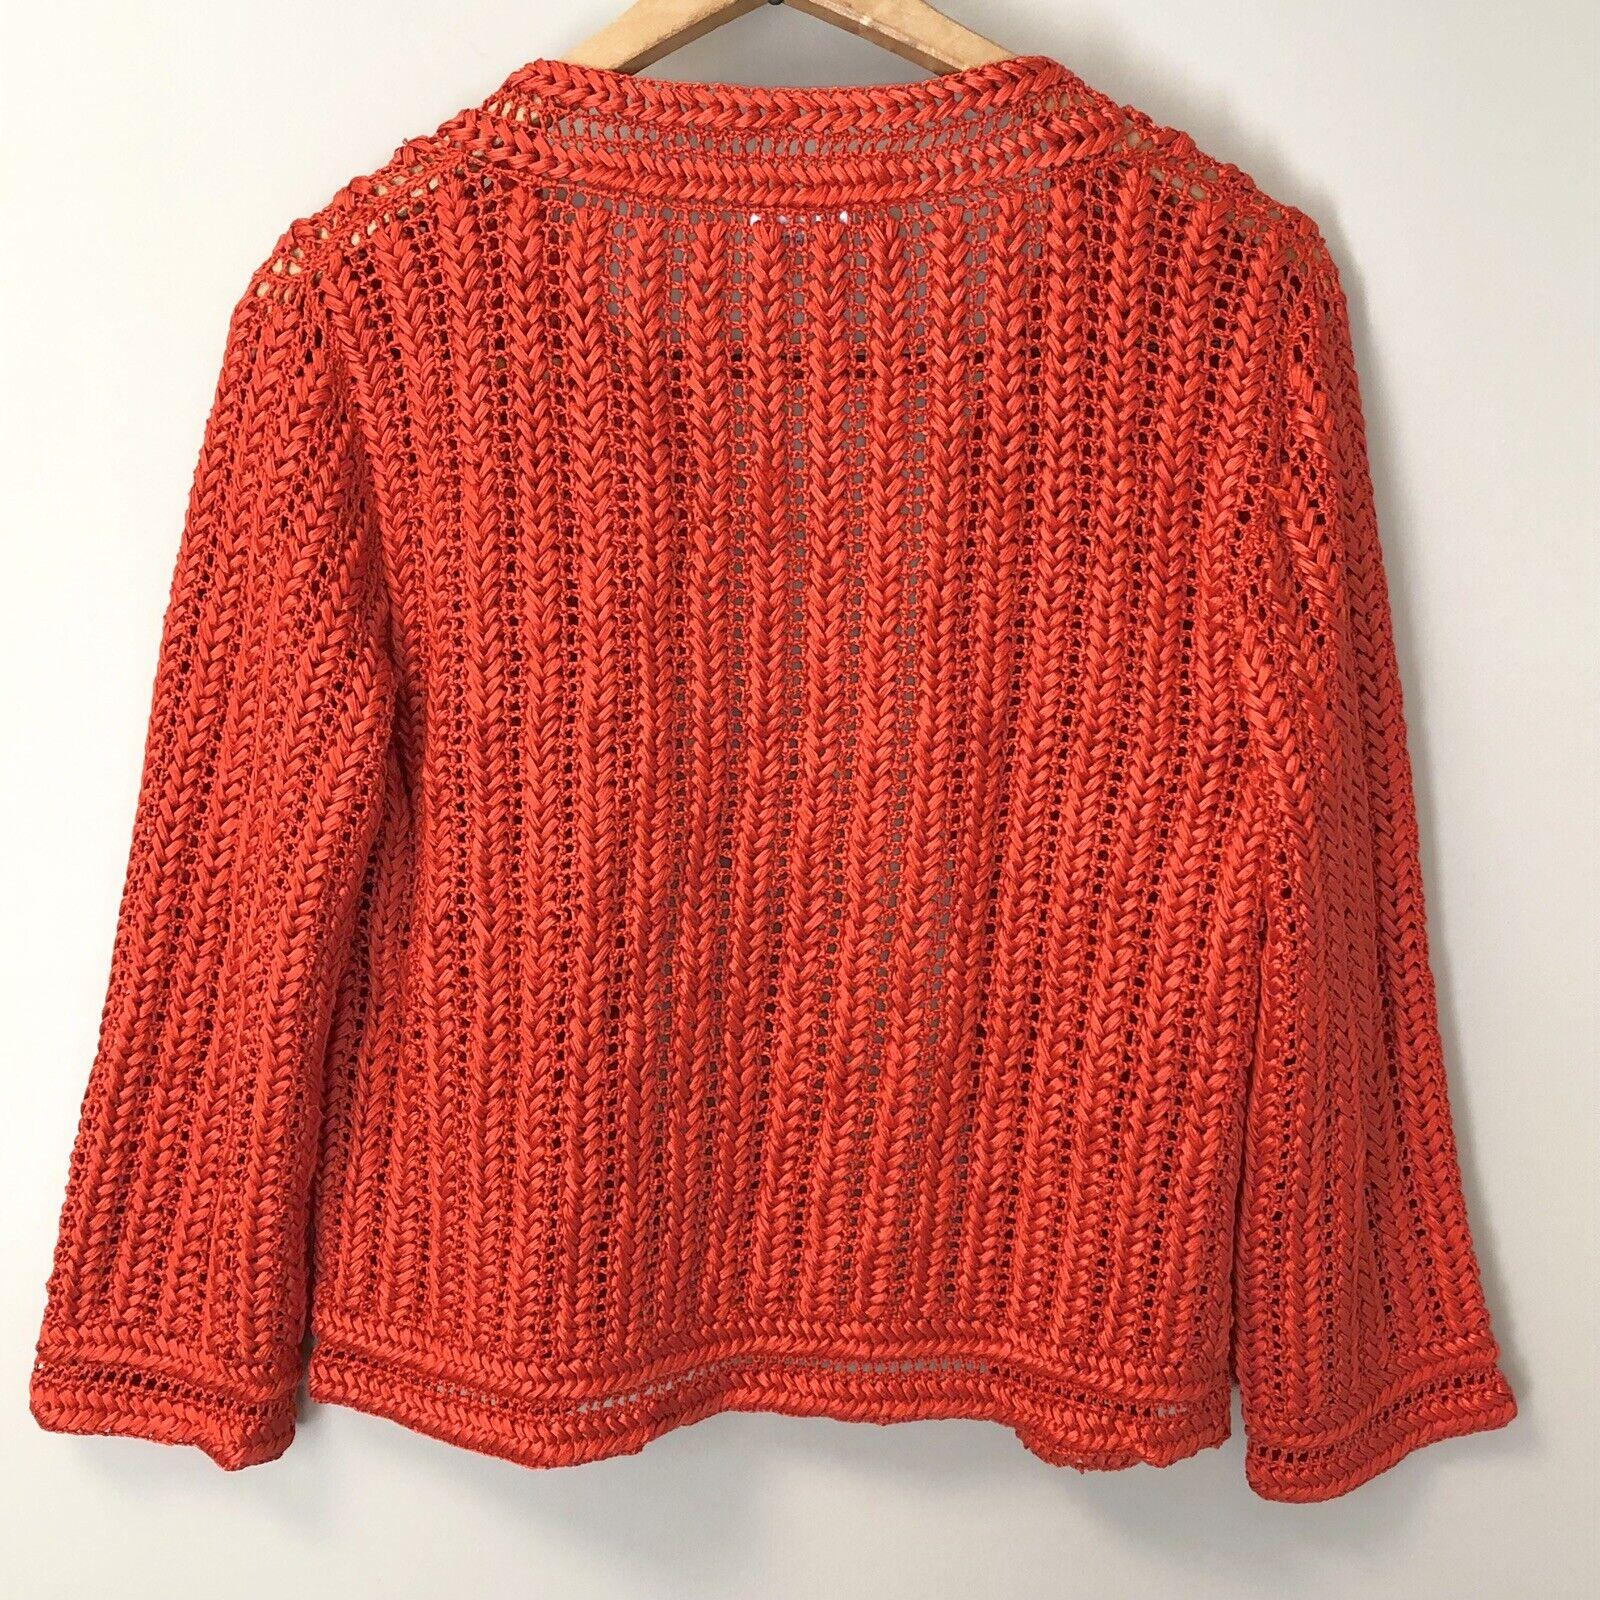 0727ee98e3dd ... Oscar de de de la Renta Womens Hand Crochet Ornate 100% Silk Open Cardigan  Sweater ...